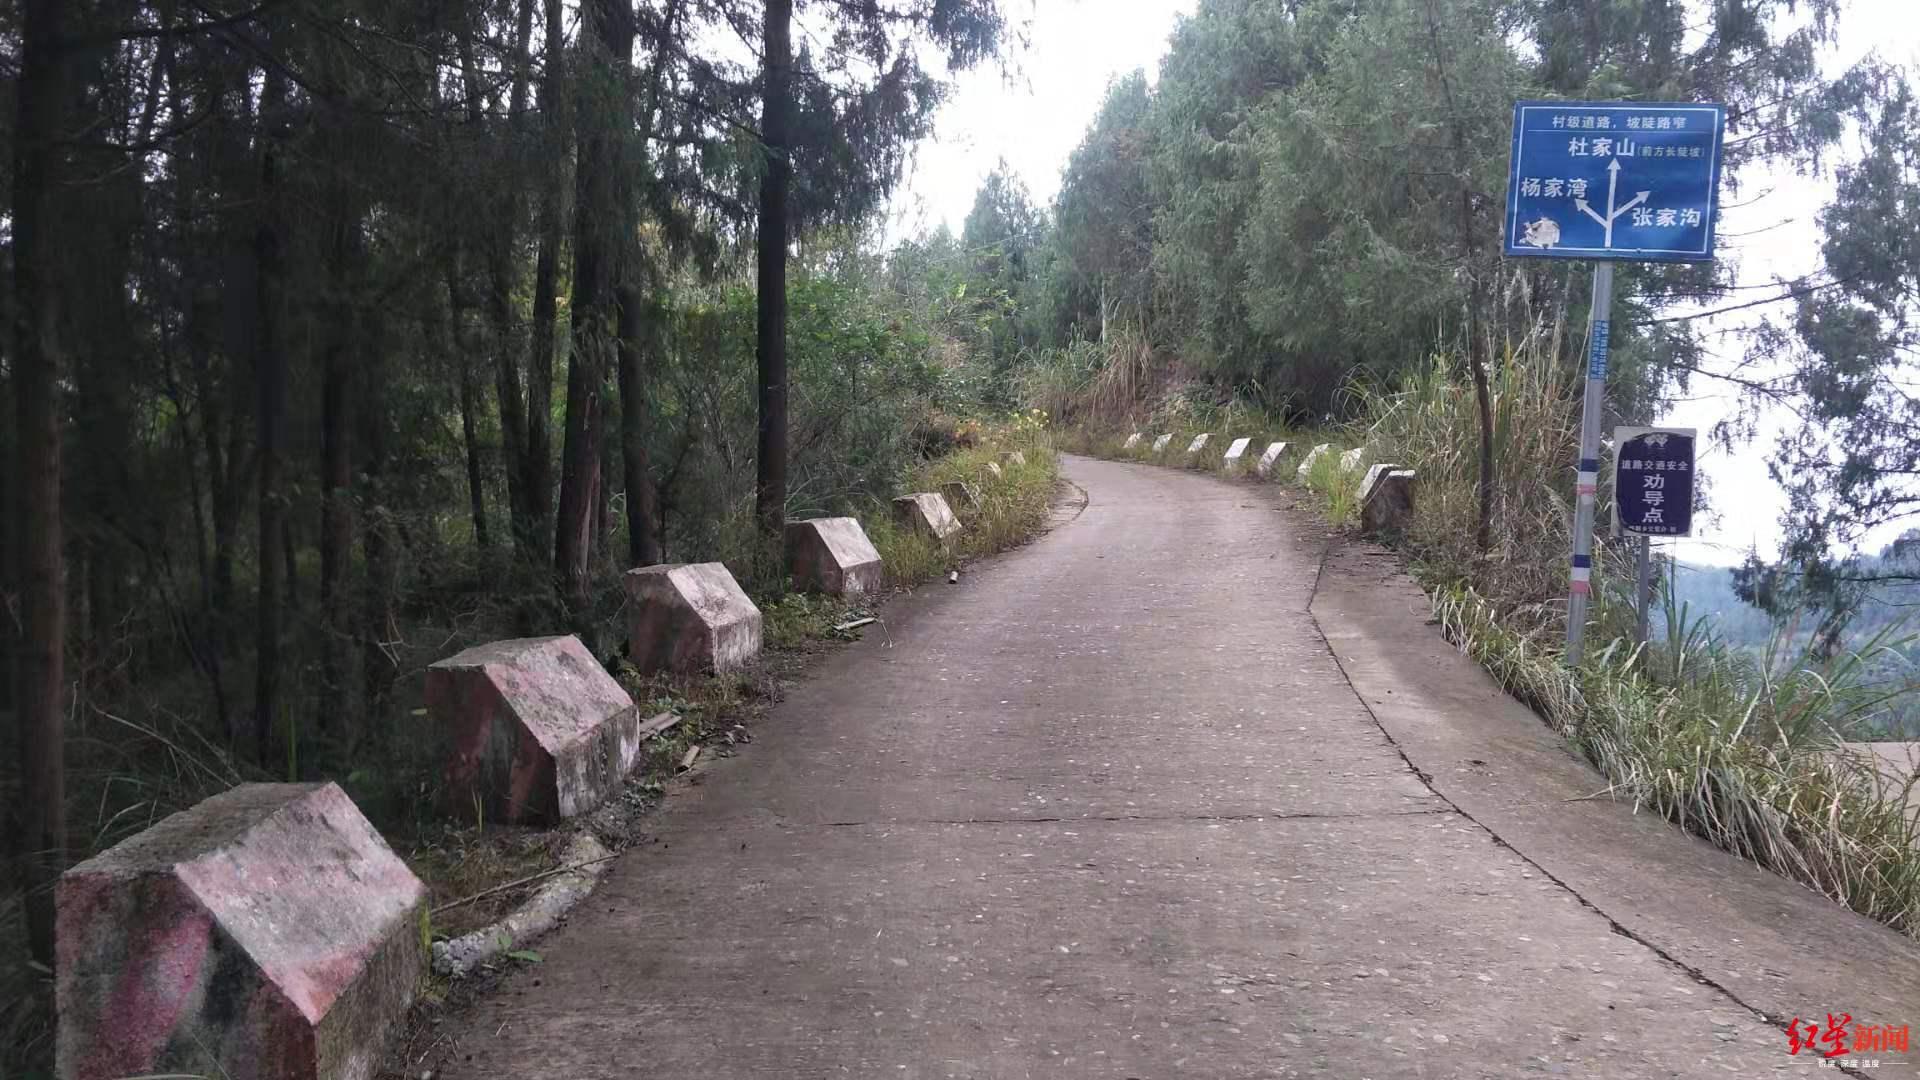 村道上加修的防撞墩